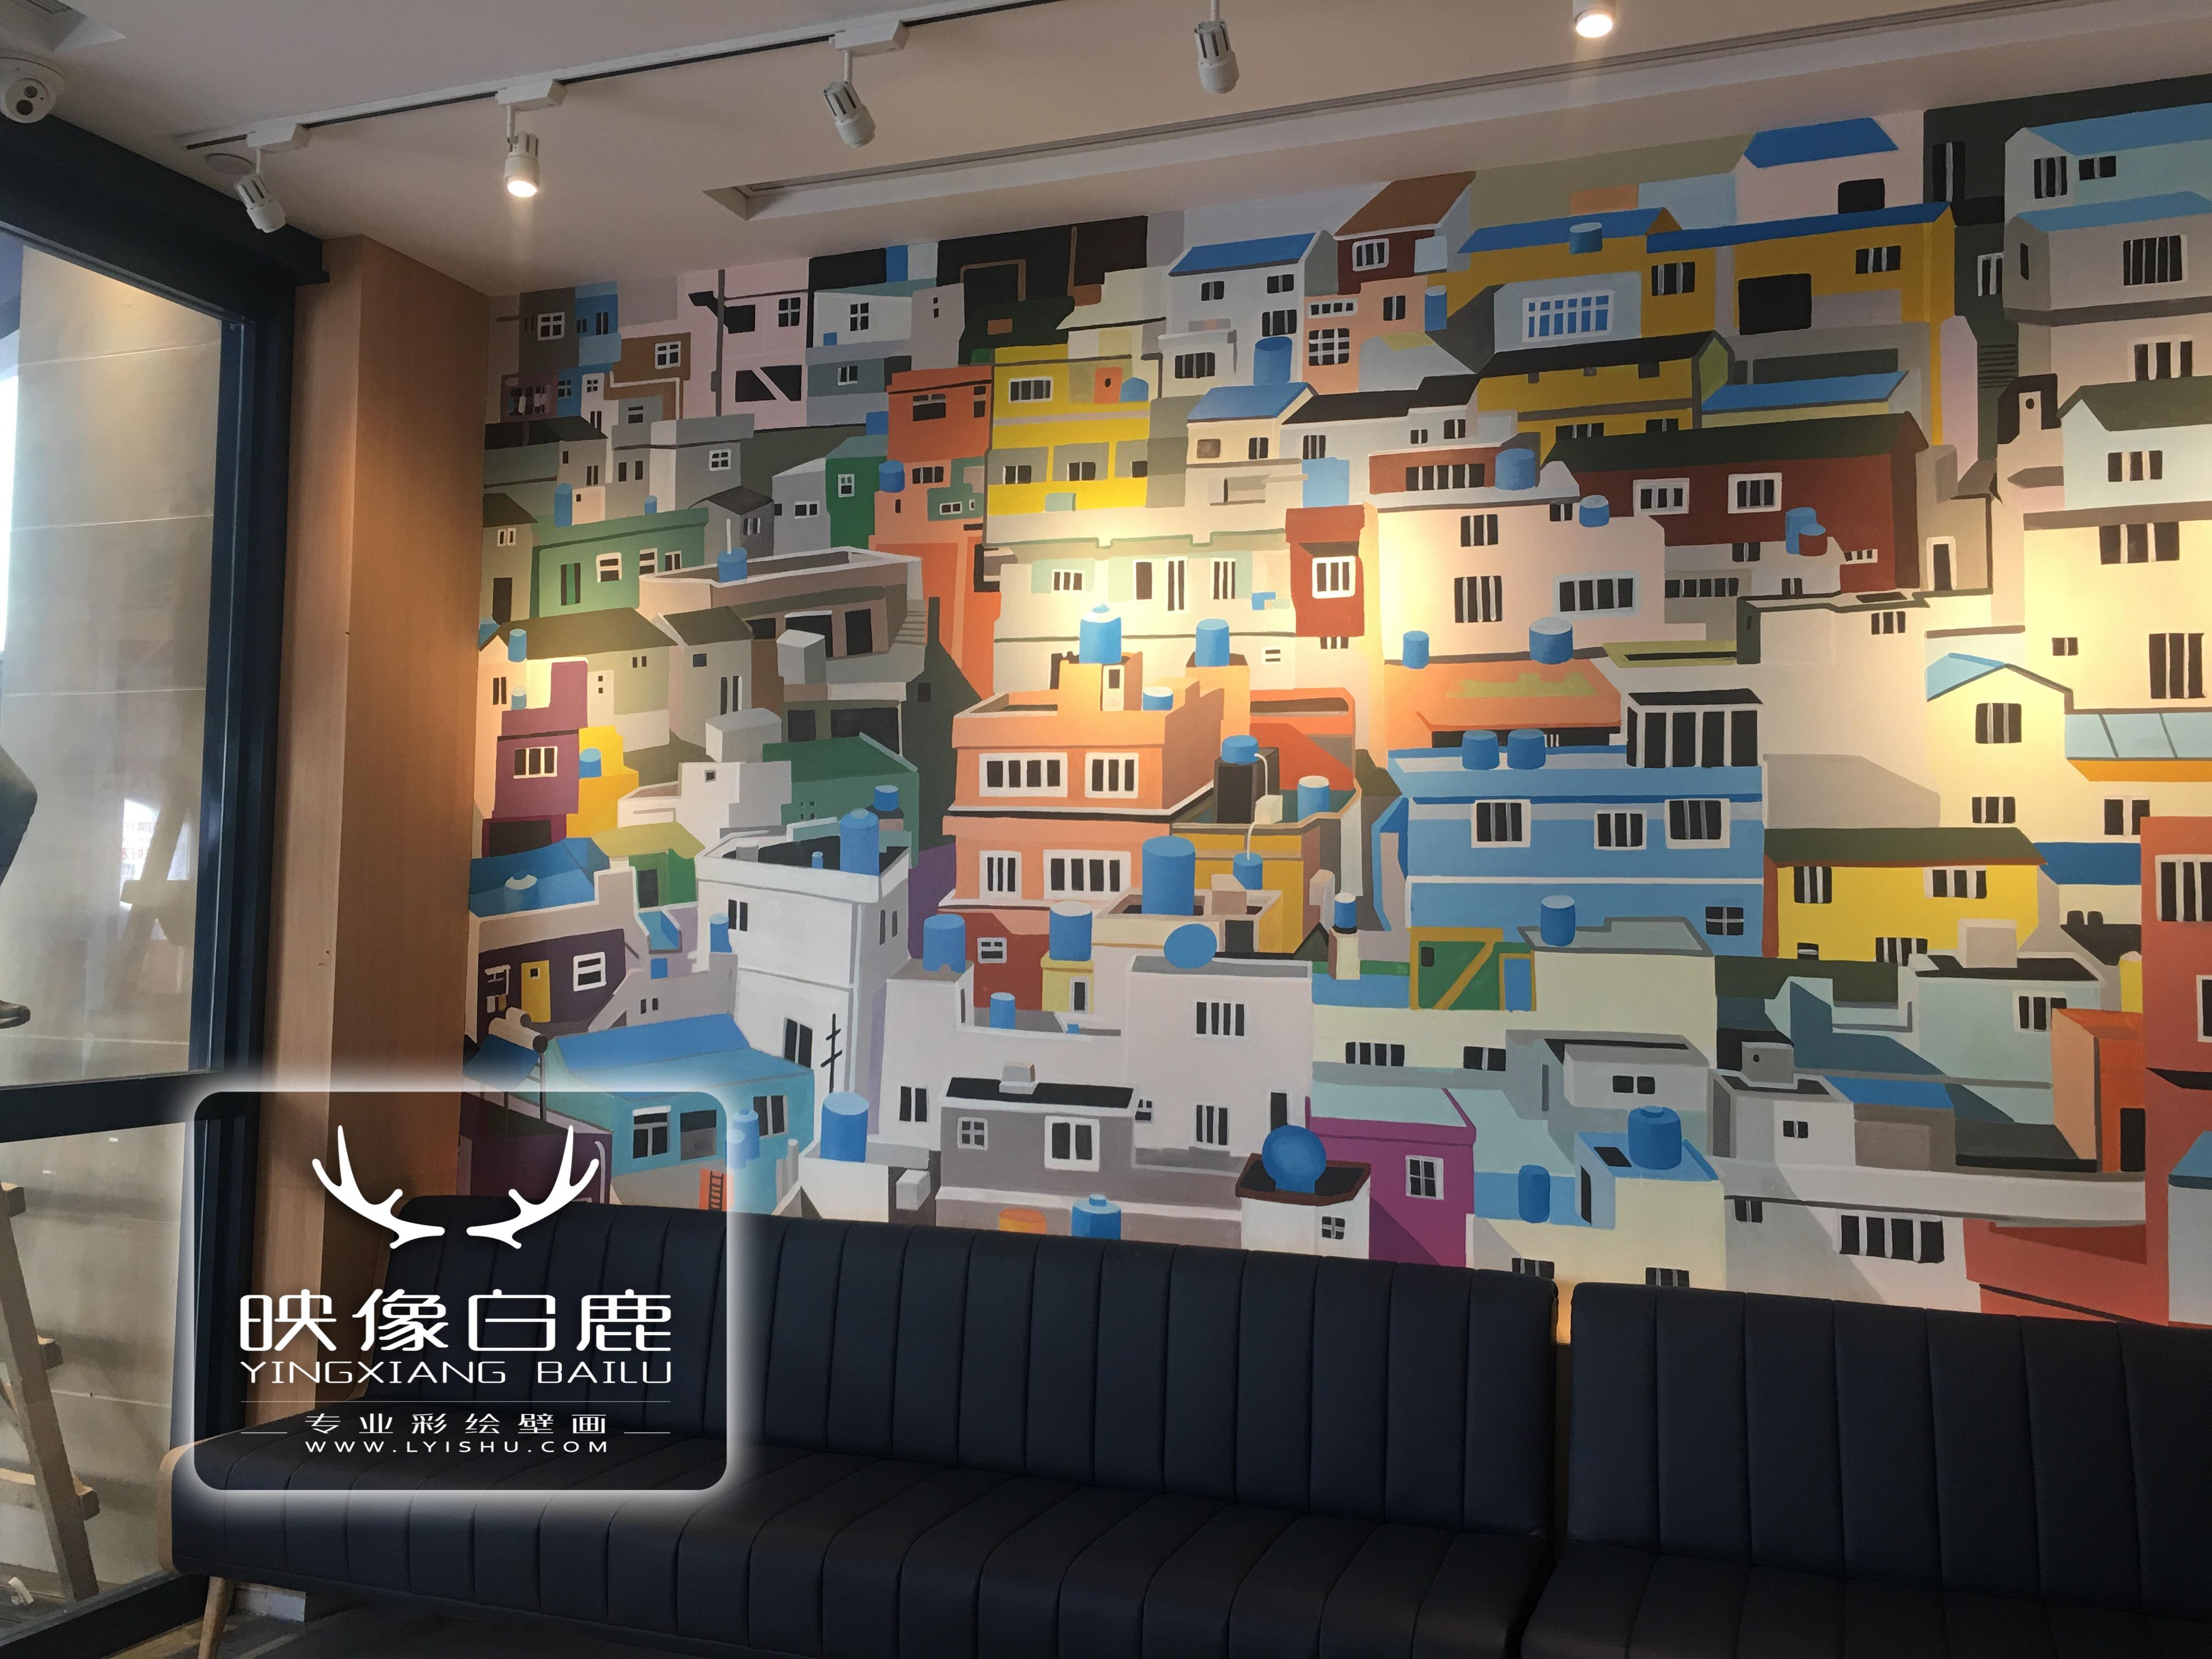 墙体彩绘,绘画,餐厅手绘,上海墙体彩绘,墙体彩绘素材